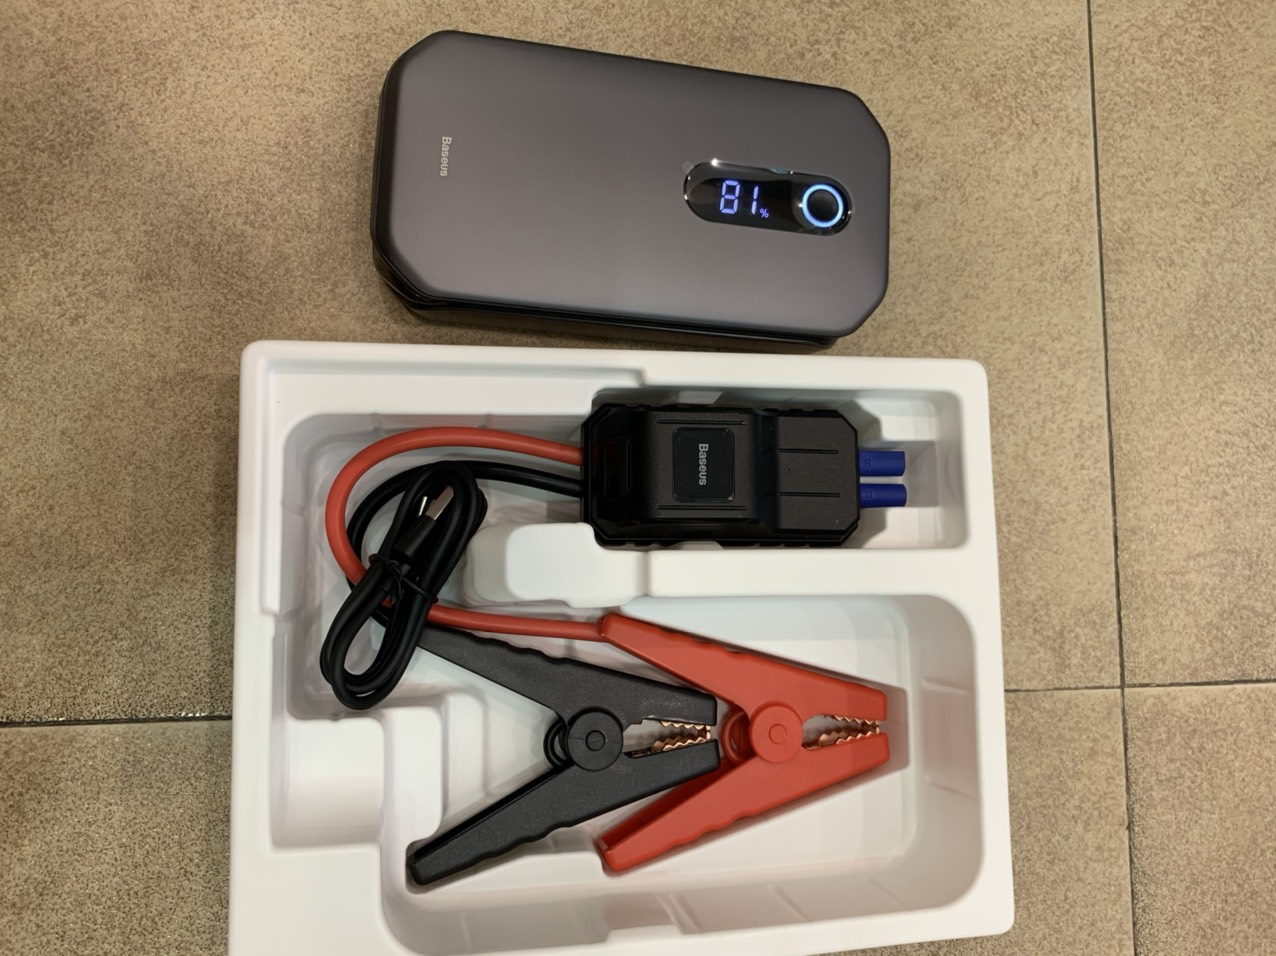 Bộ pin sạc dự phòng kích ắc quy ô tô Baseus Super Energy Car Jump Starter Pro (12000mAh, 5V-3A)Hàng Nhập Khẩu